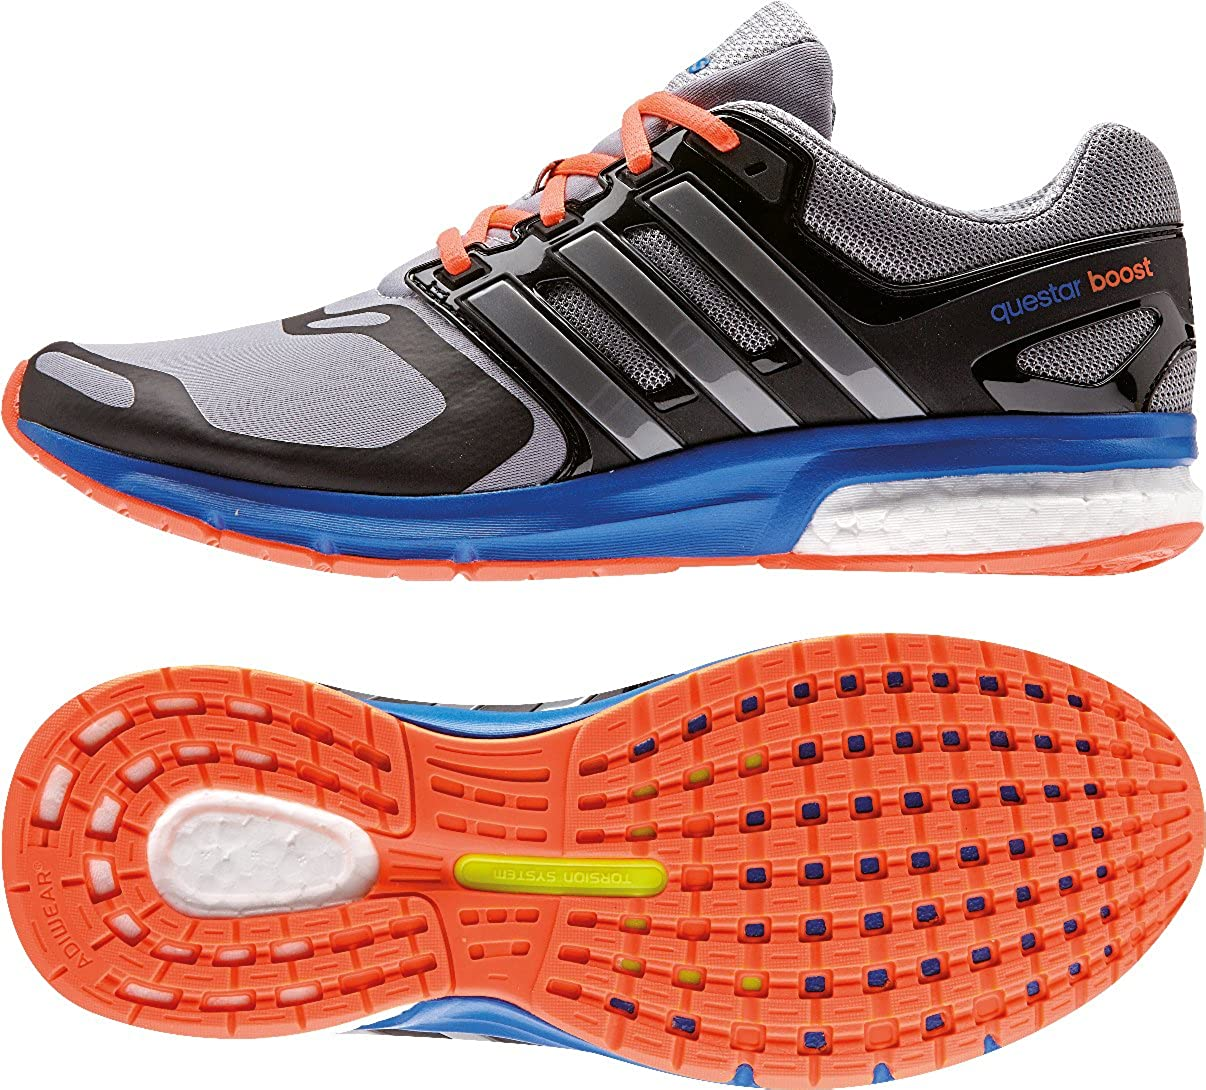 adidas Questar Boost TF M - Zapatillas de Running para Hombre, Color Gris/Azul/Negro/Naranja, Talla 44: Amazon.es: Zapatos y complementos